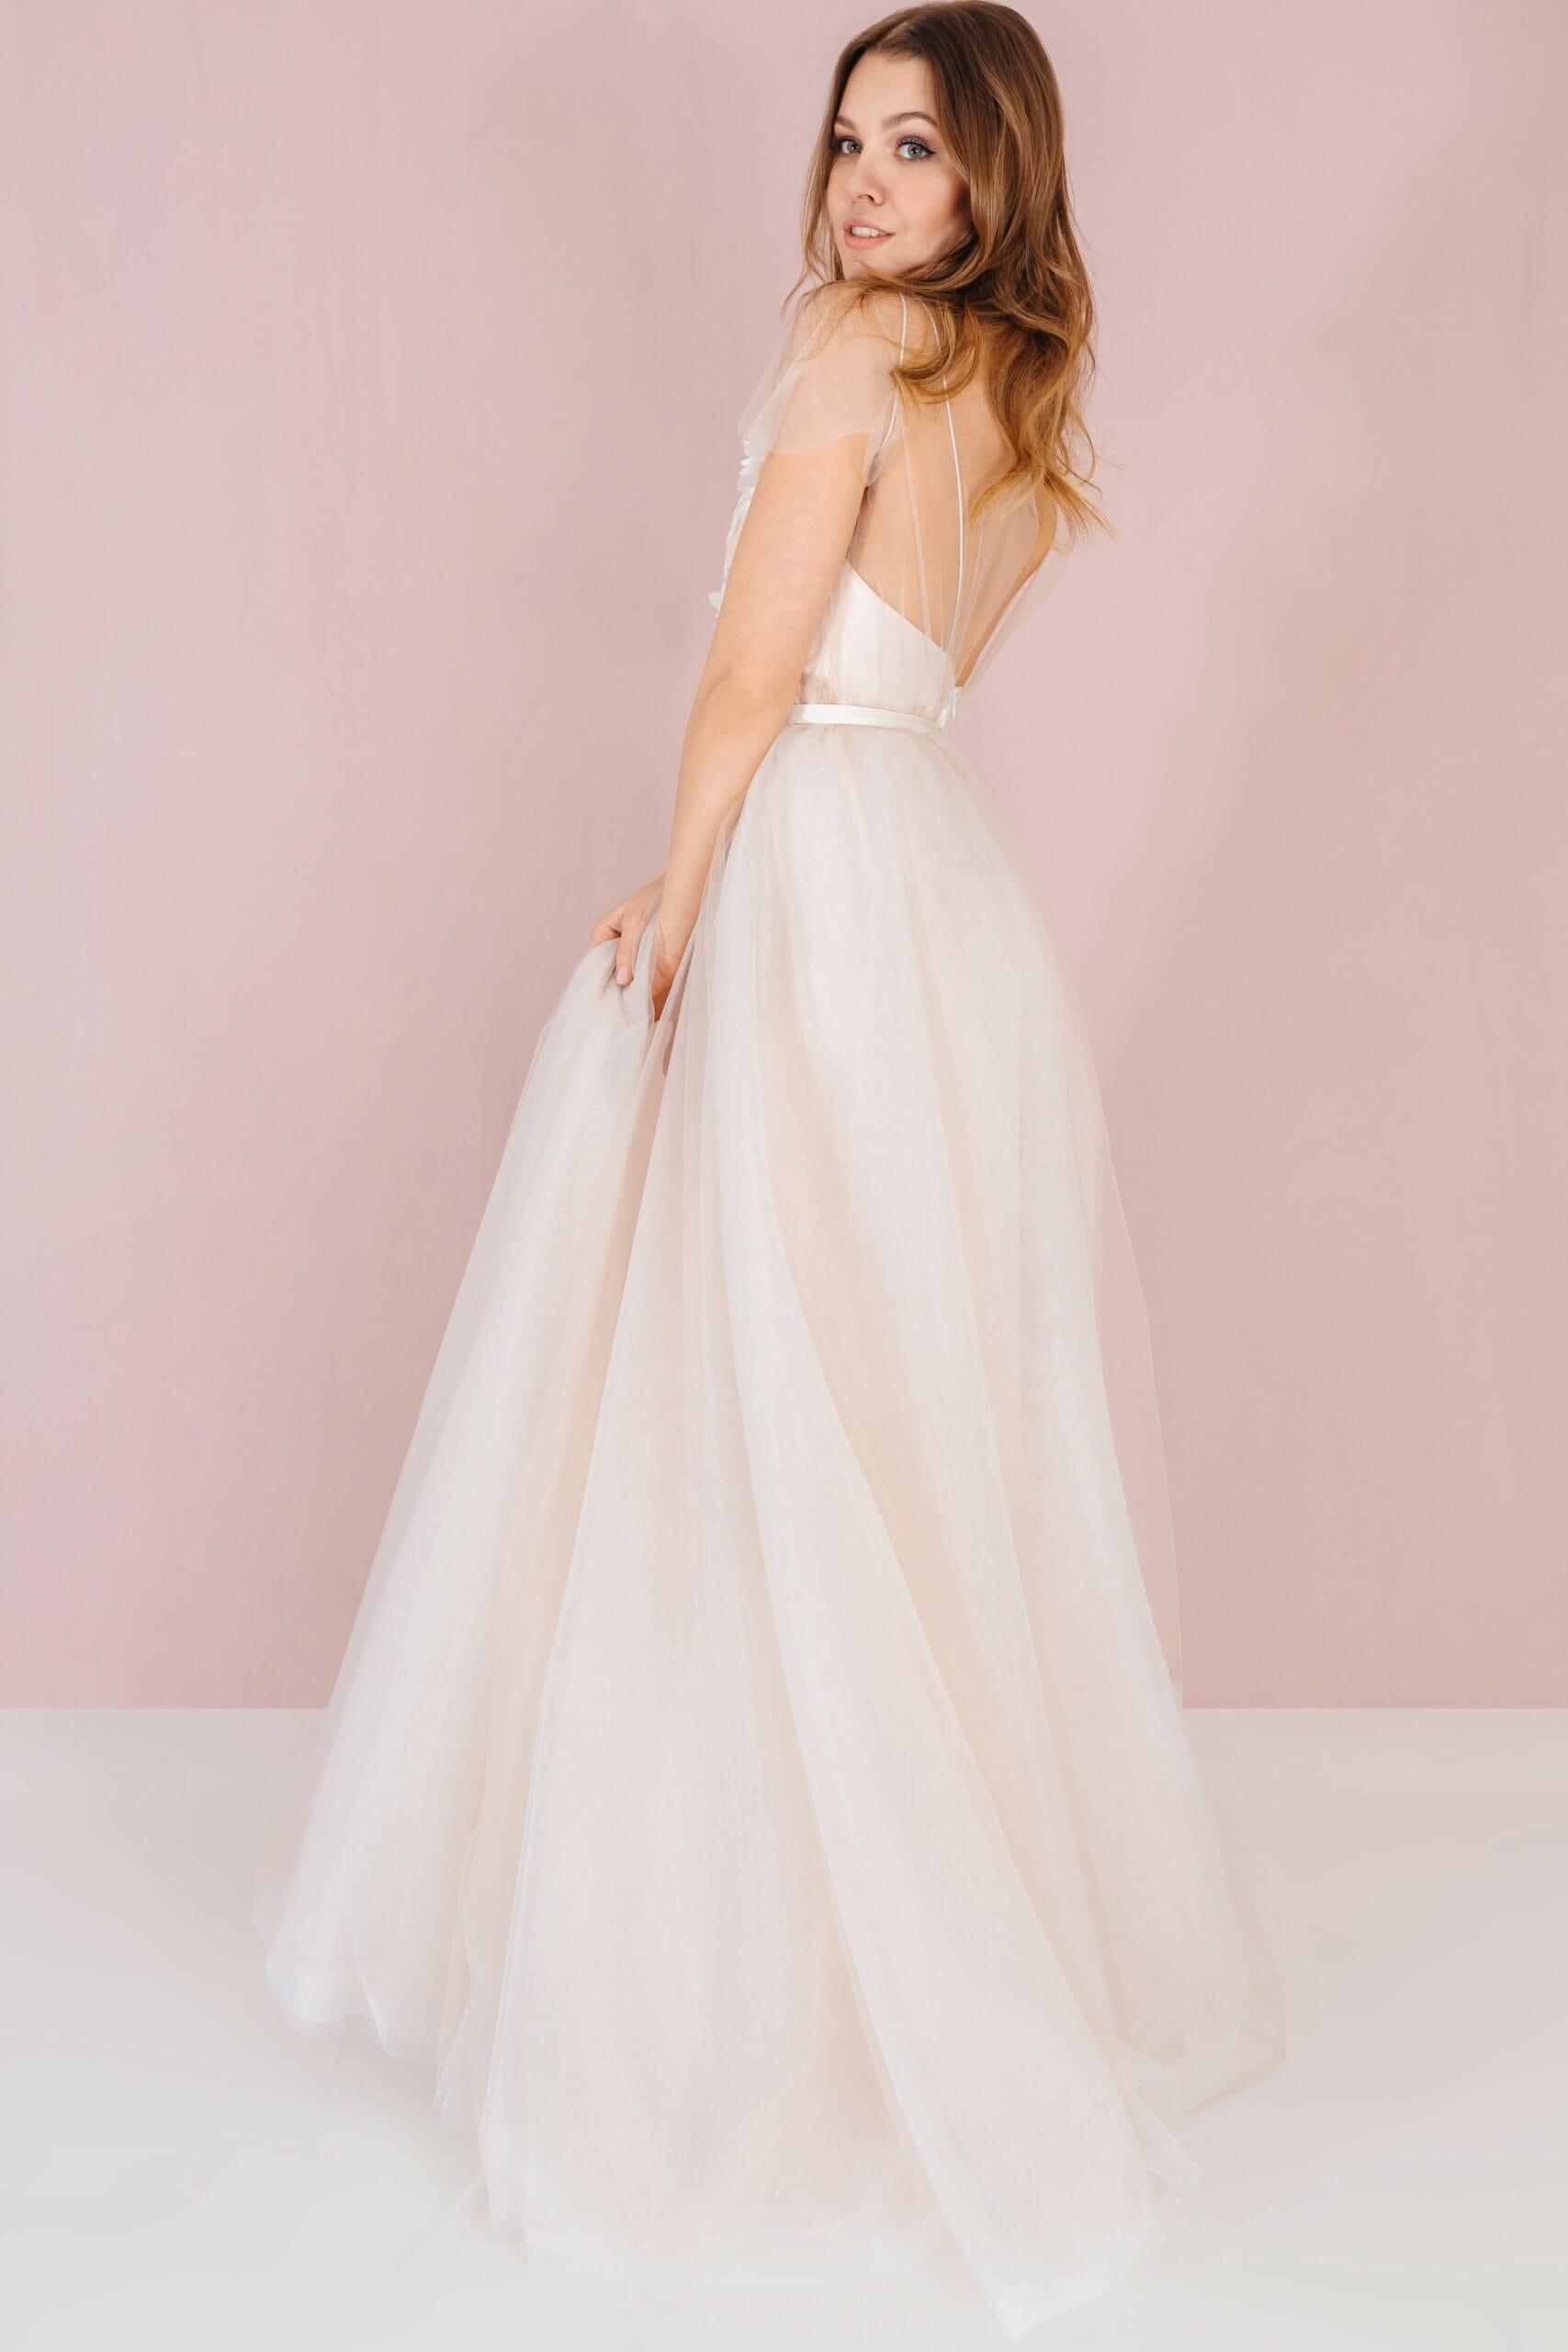 Свадебное платье ALISA, коллекция LOFT, бренд RARE BRIDAL, фото 1